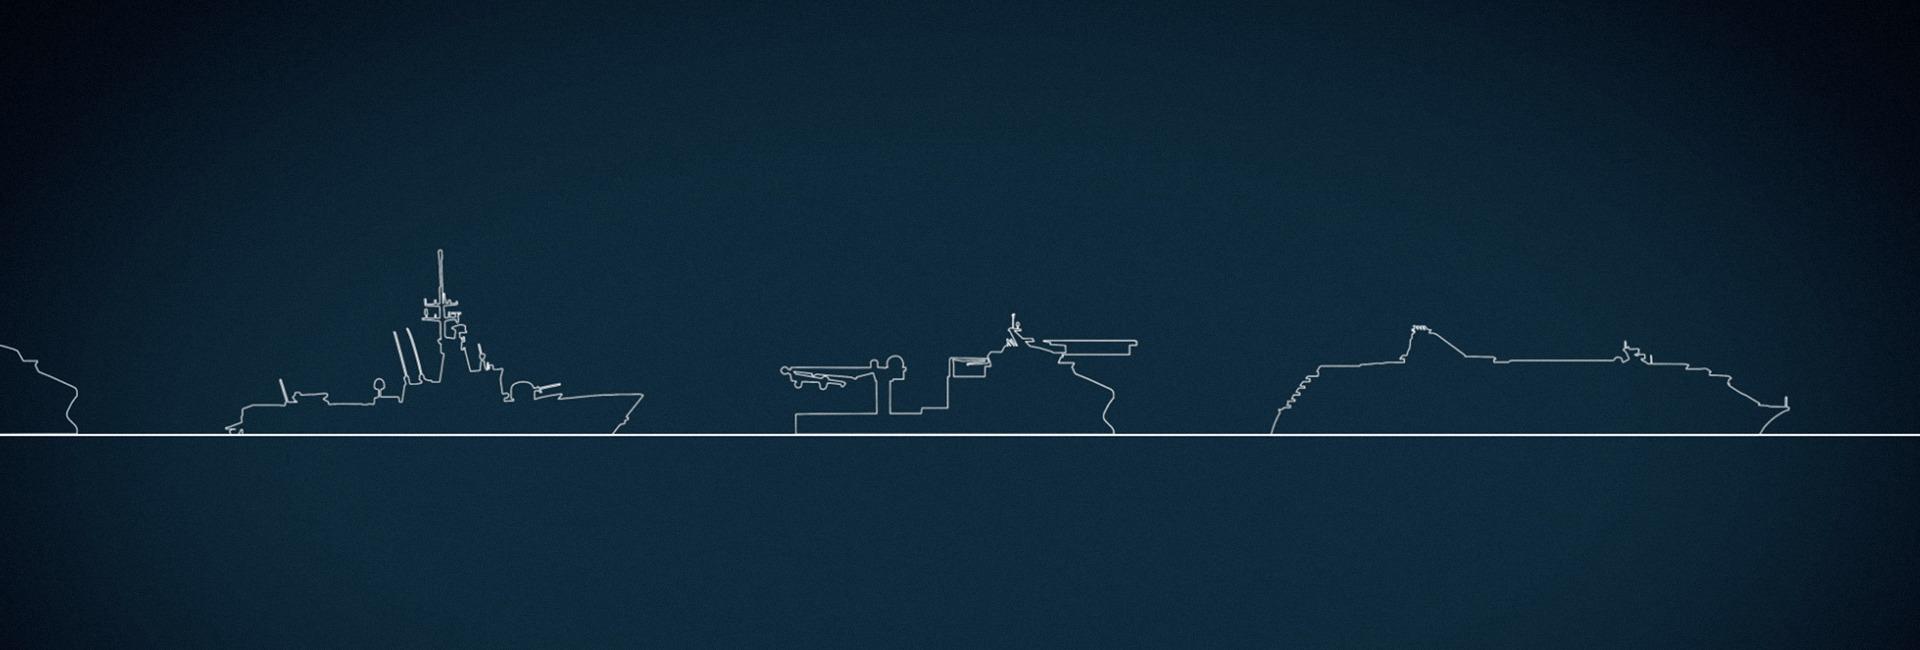 Strektegning av ulike fartøy